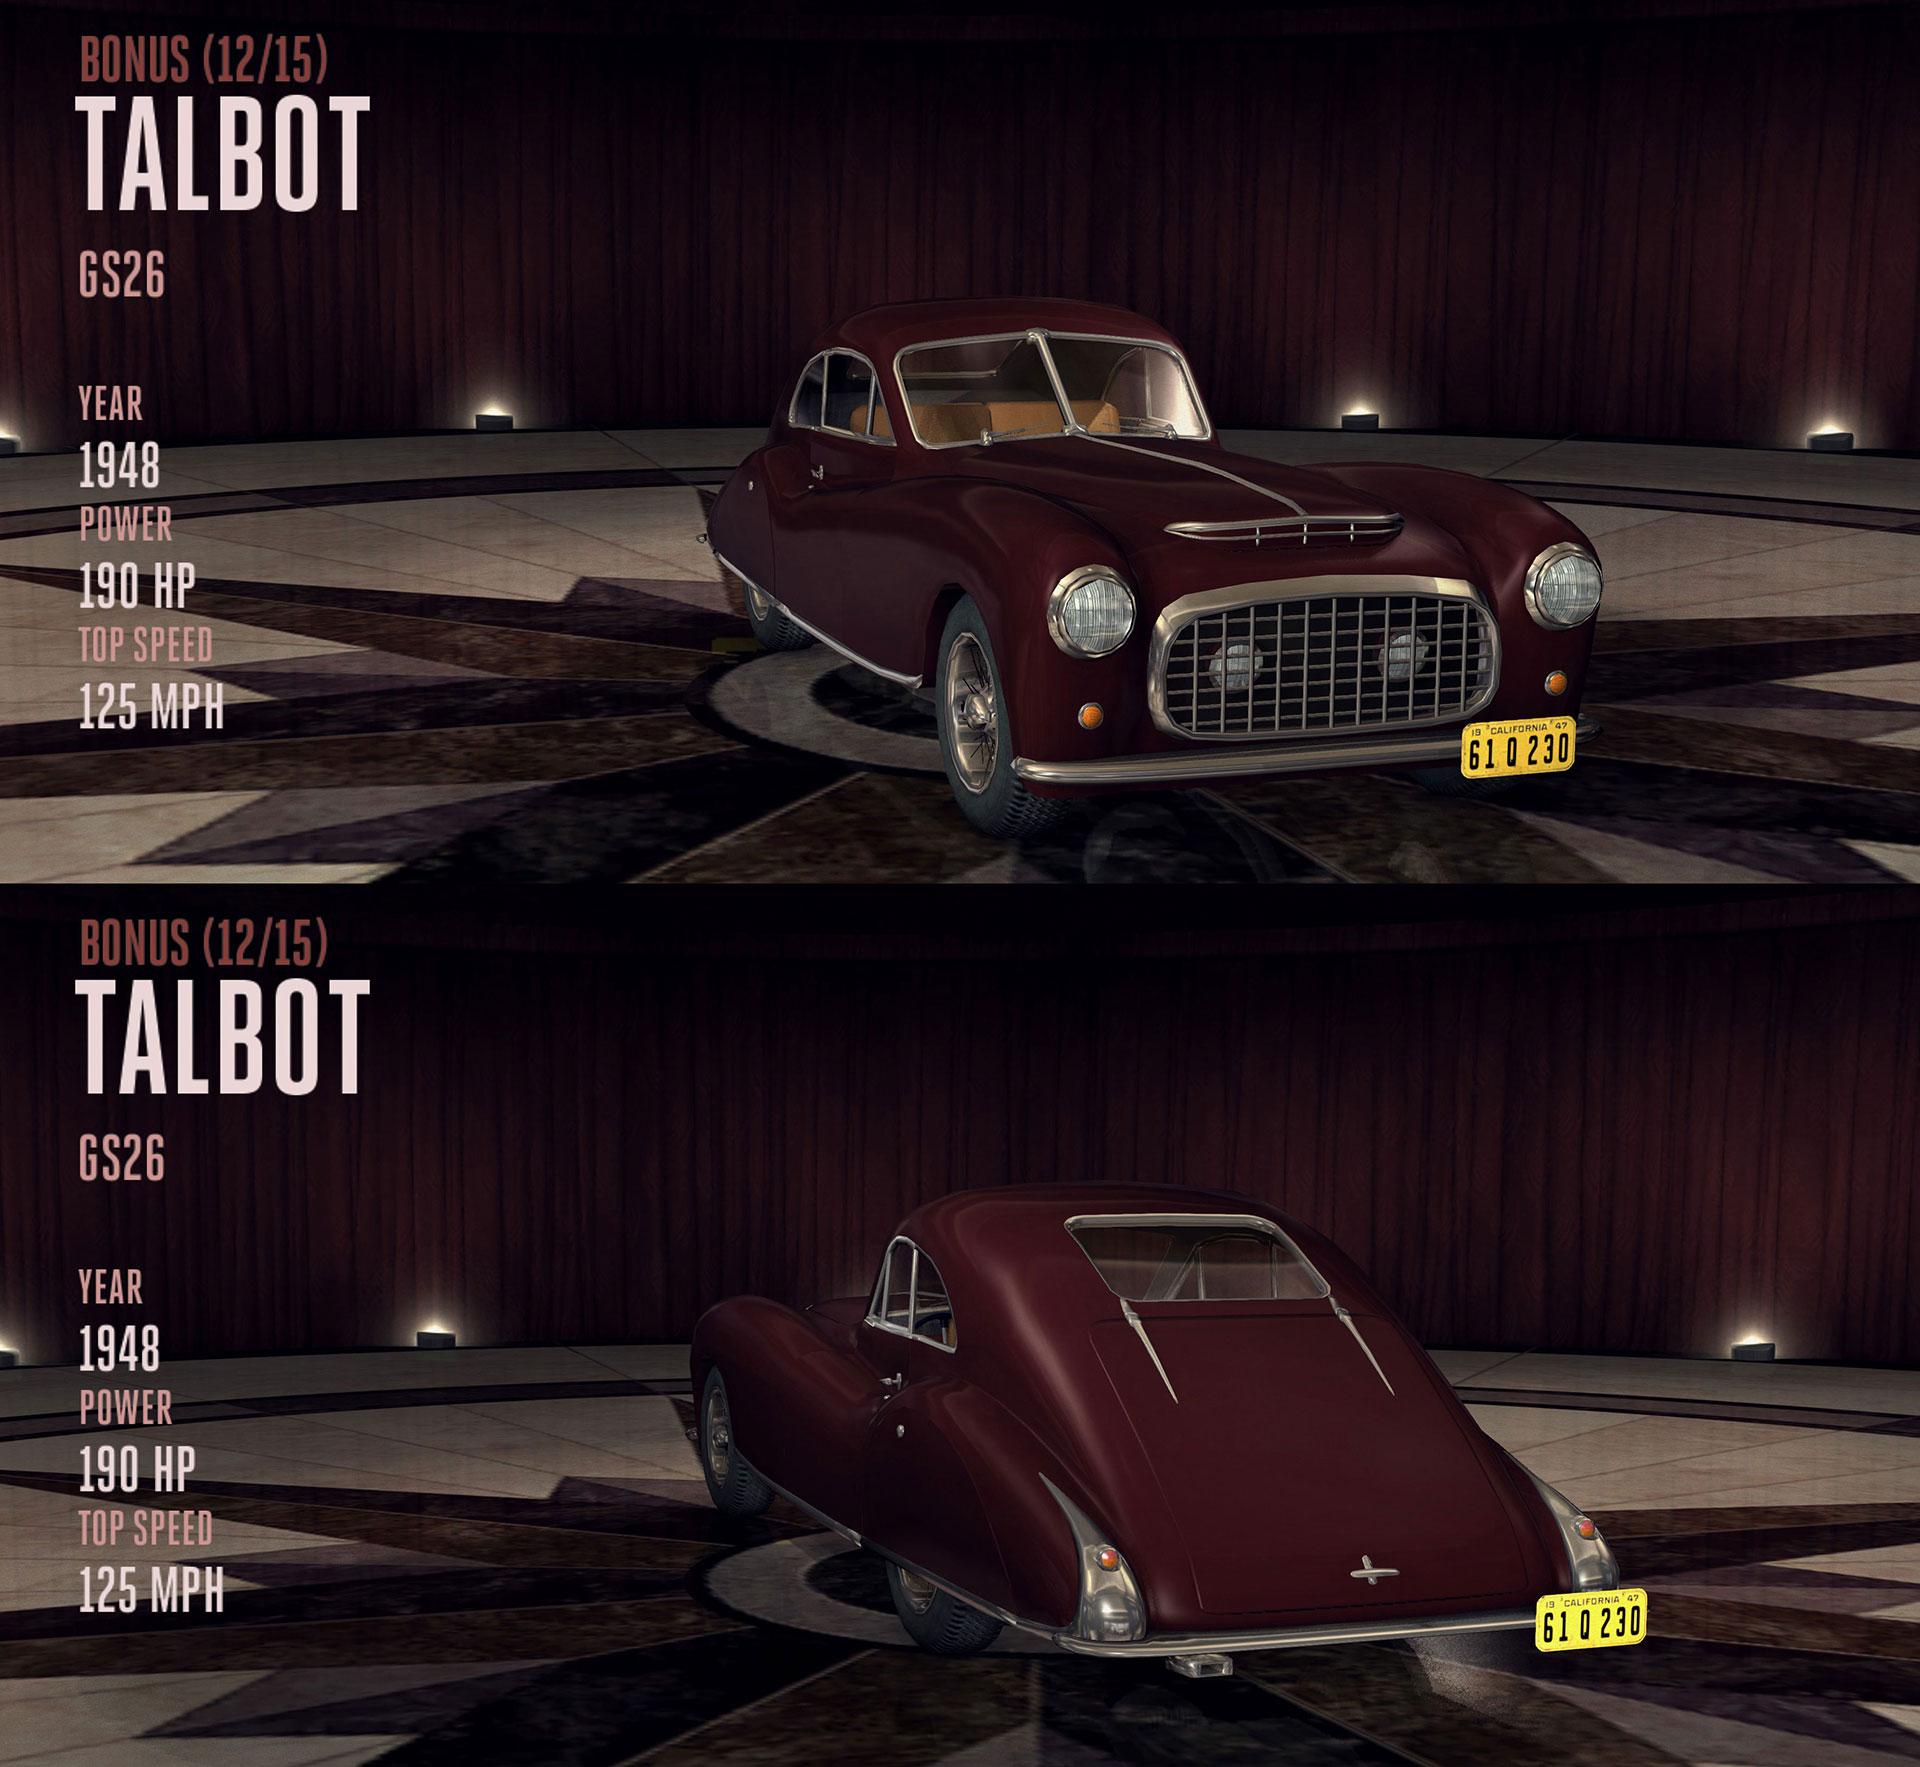 File:1948-talbot-gs26.jpg